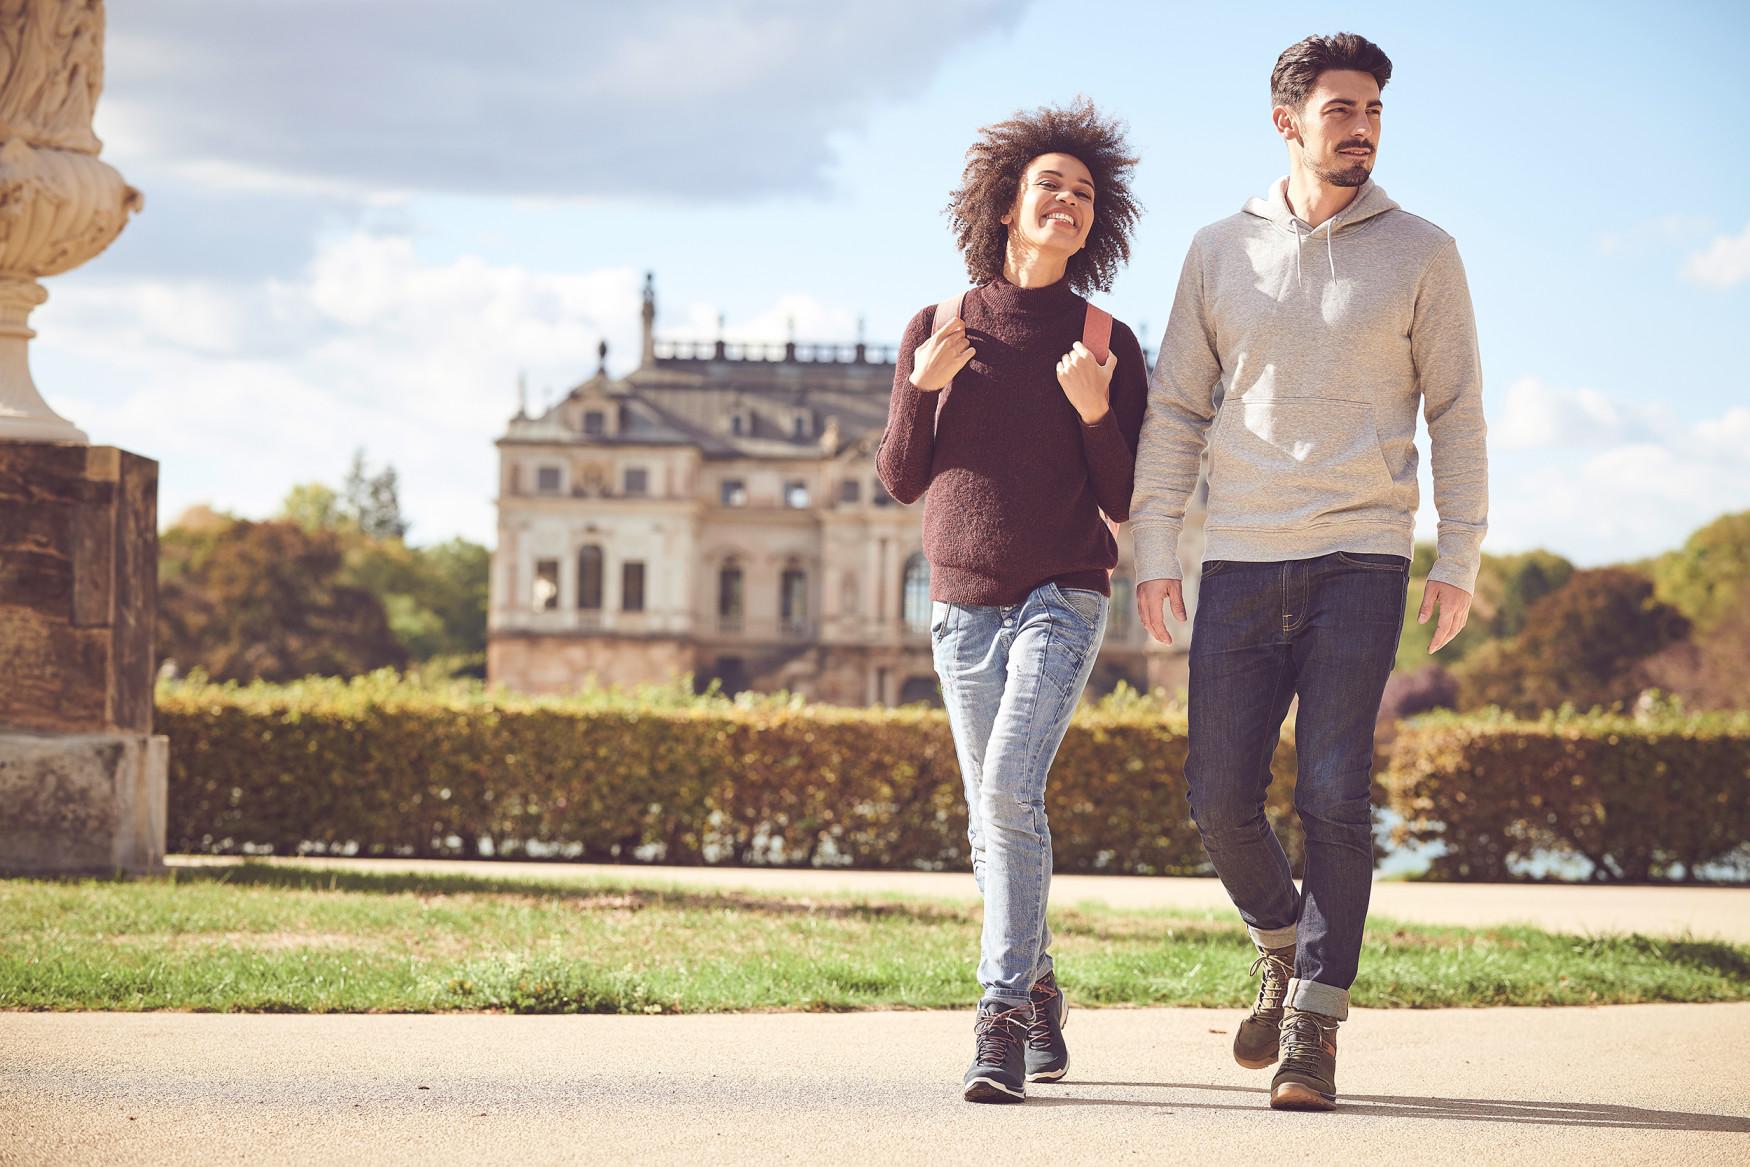 """""""Lifestyle meets Outdoor"""" damit lässt sich der vielseitige LOCARNO GTX MID am besten beschreiben. Mit der funktionalen Hybrid-Lösung im Casual-Look gelingt der Spagat zwischen Wander- und urbanem Lifestyleschuh. Geprägtes Leder, Gore-TEX-Futter, eine neu konzipierte, reduzierte LOWA-MONOWRAP®-Konstruktion und die dämpfende Zwischensohle aus LOWA DynaPU® sorgen für einen lässigen Look, ermöglichen aber auch gleichzeitig einen spontanen Outdooreinsatz."""